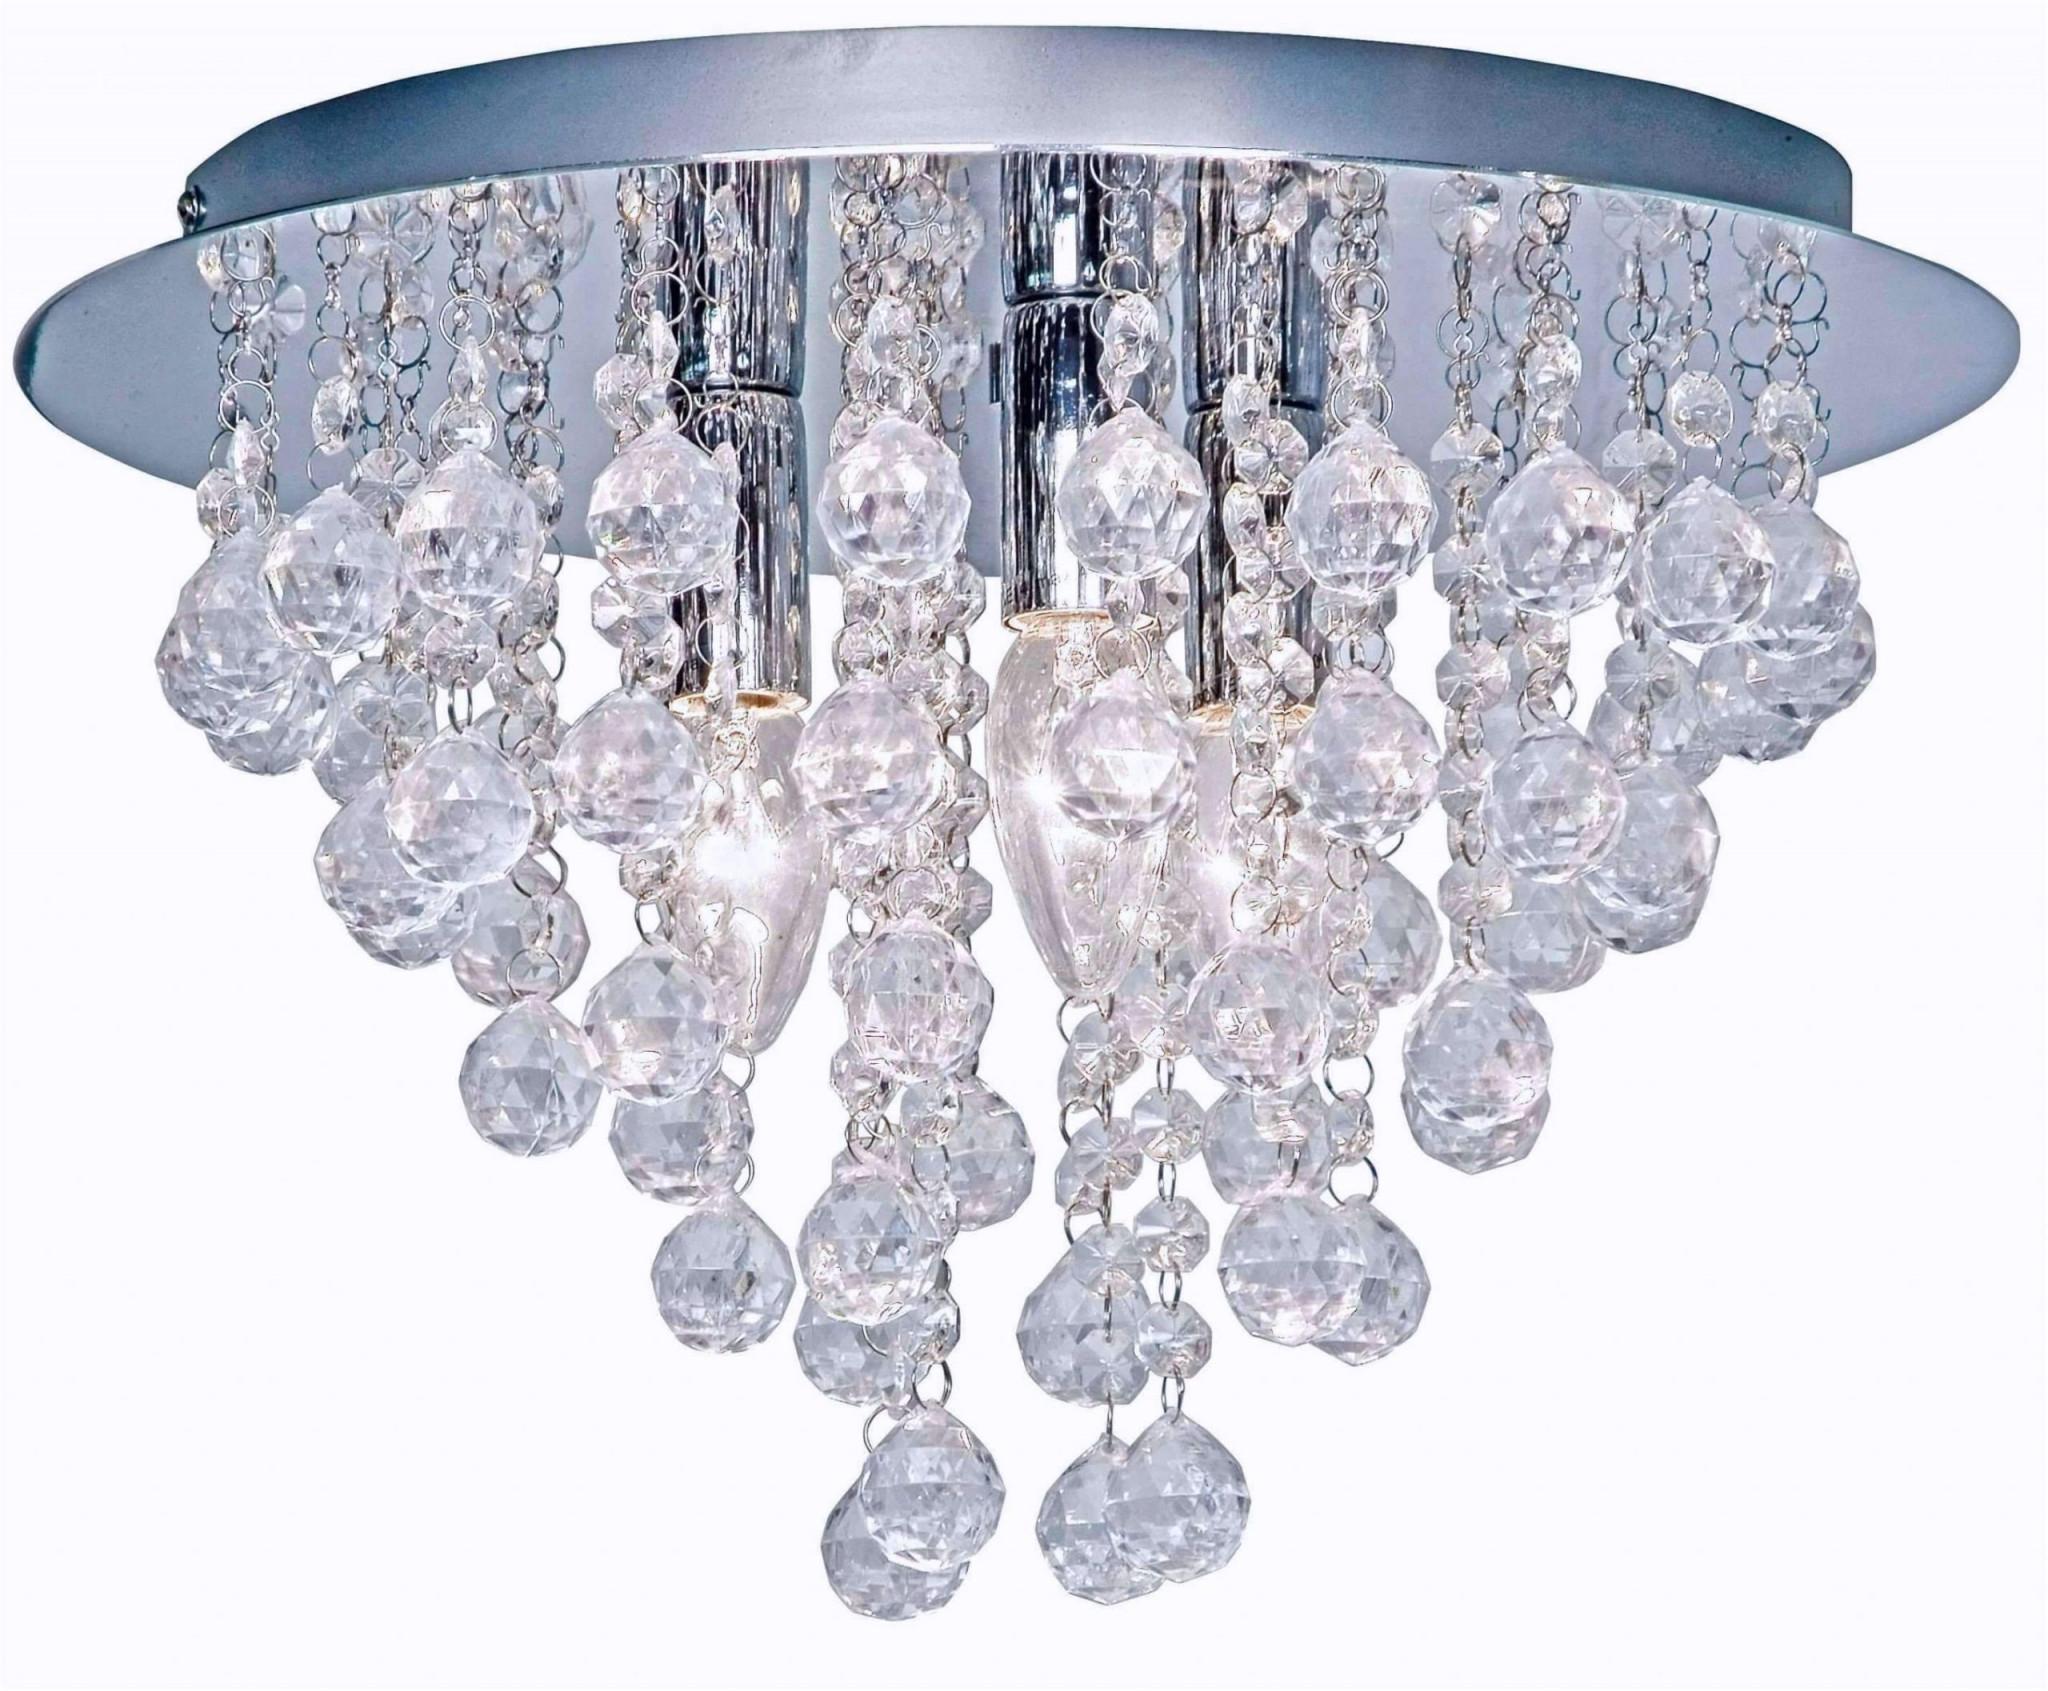 Kronleuchter Wohnzimmer Neu 16 Frisch Led Kristall von Deckenleuchte Wohnzimmer Kristall Photo